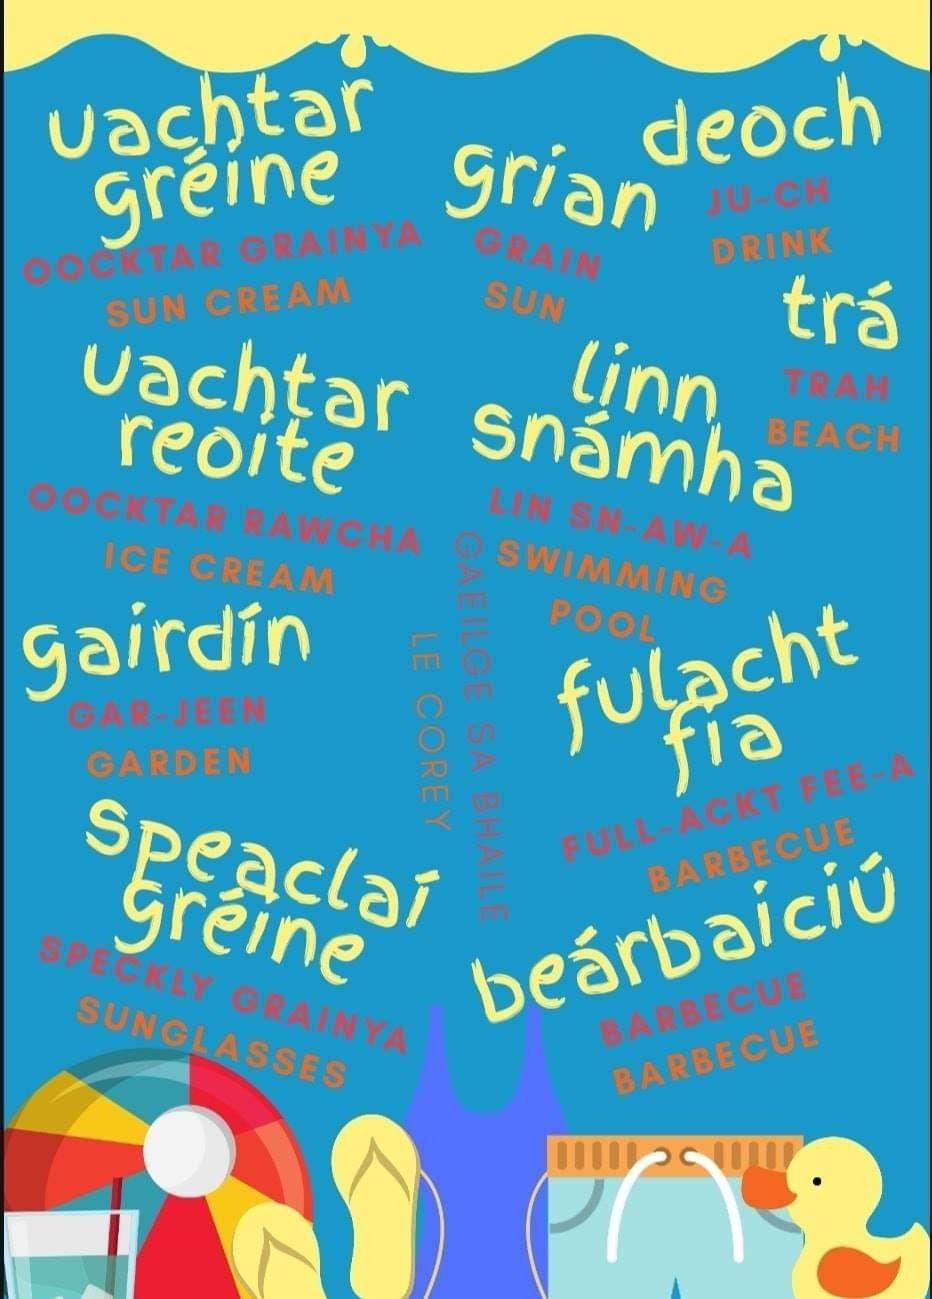 Pin by Troy Espin on Gaeilge in 2020 Irish gaelic, Irish